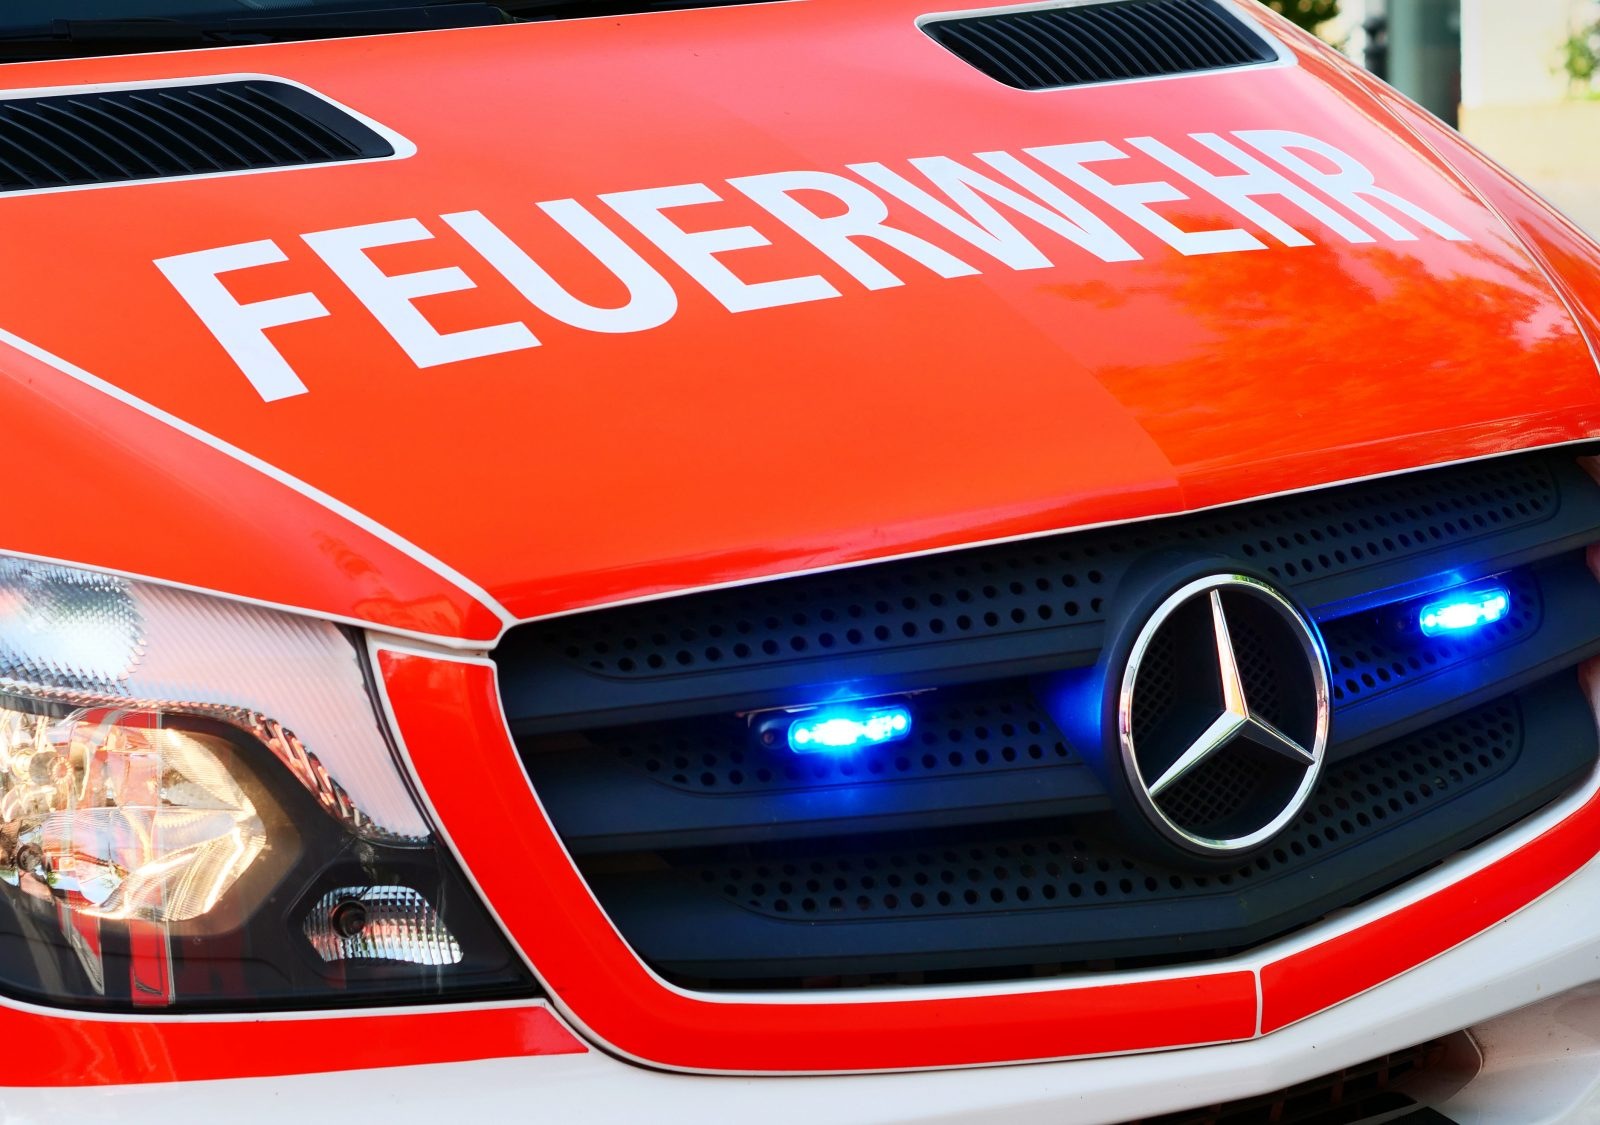 Ein Rettungswagen der Feuerwehr im Einsatz (Symbolbild) Foto: picture alliance/dpa